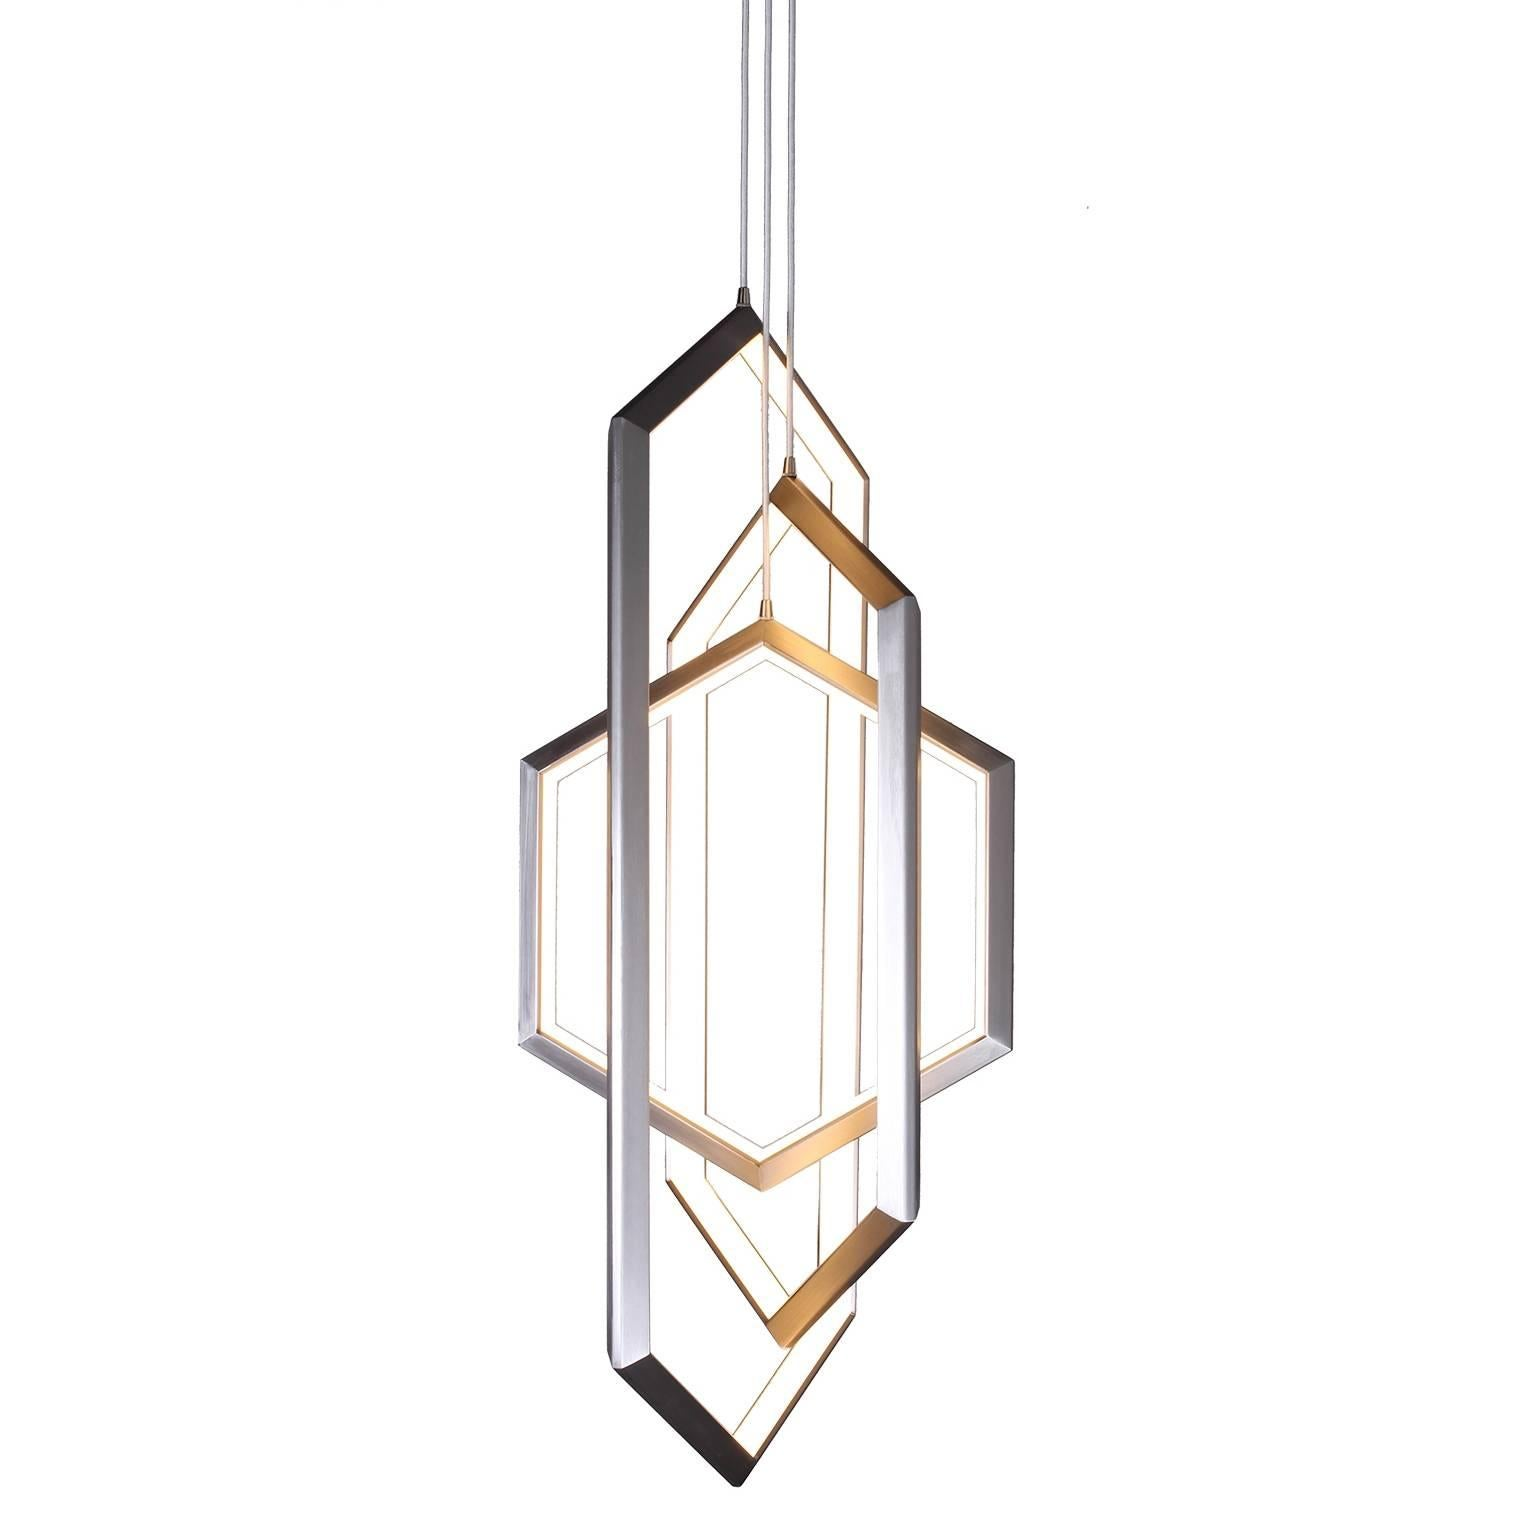 ORBIS VX46 - Black Hexagon Geometric Modern LED Chandelier Light Fixture